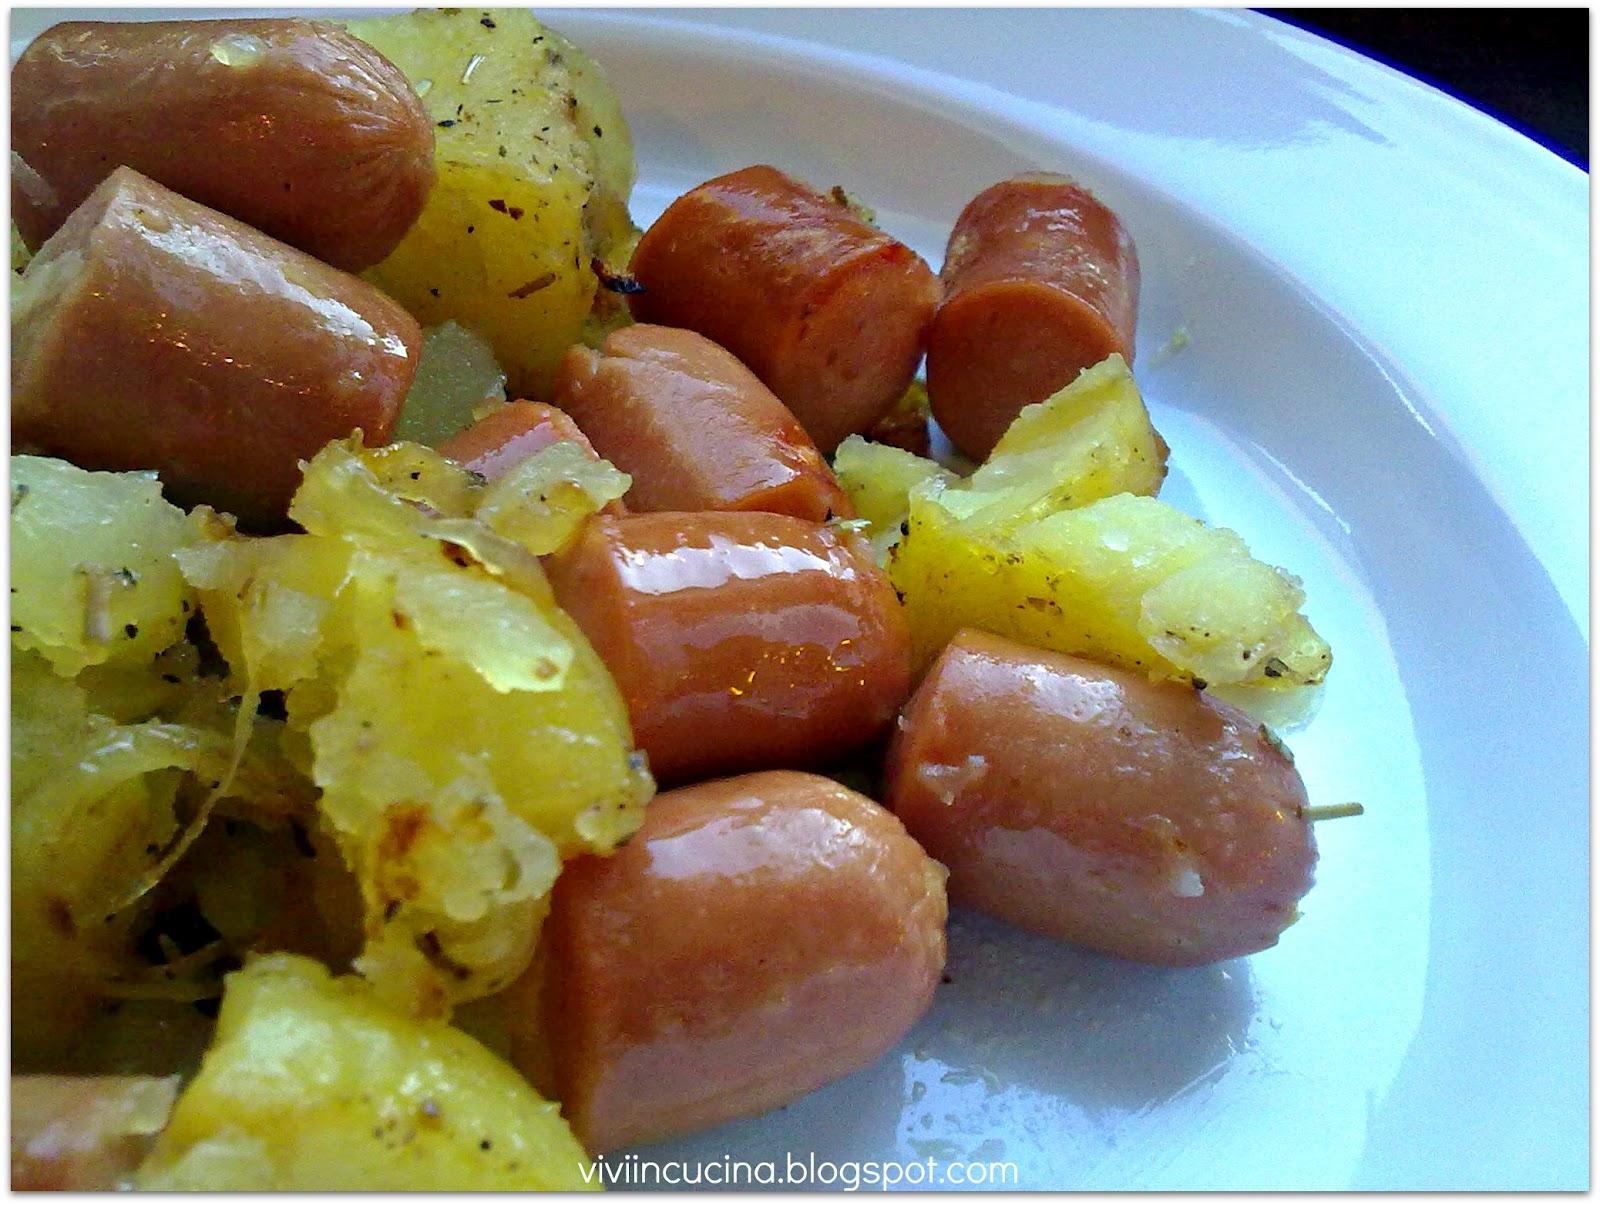 vivi in cucina wurstel e patate al forno